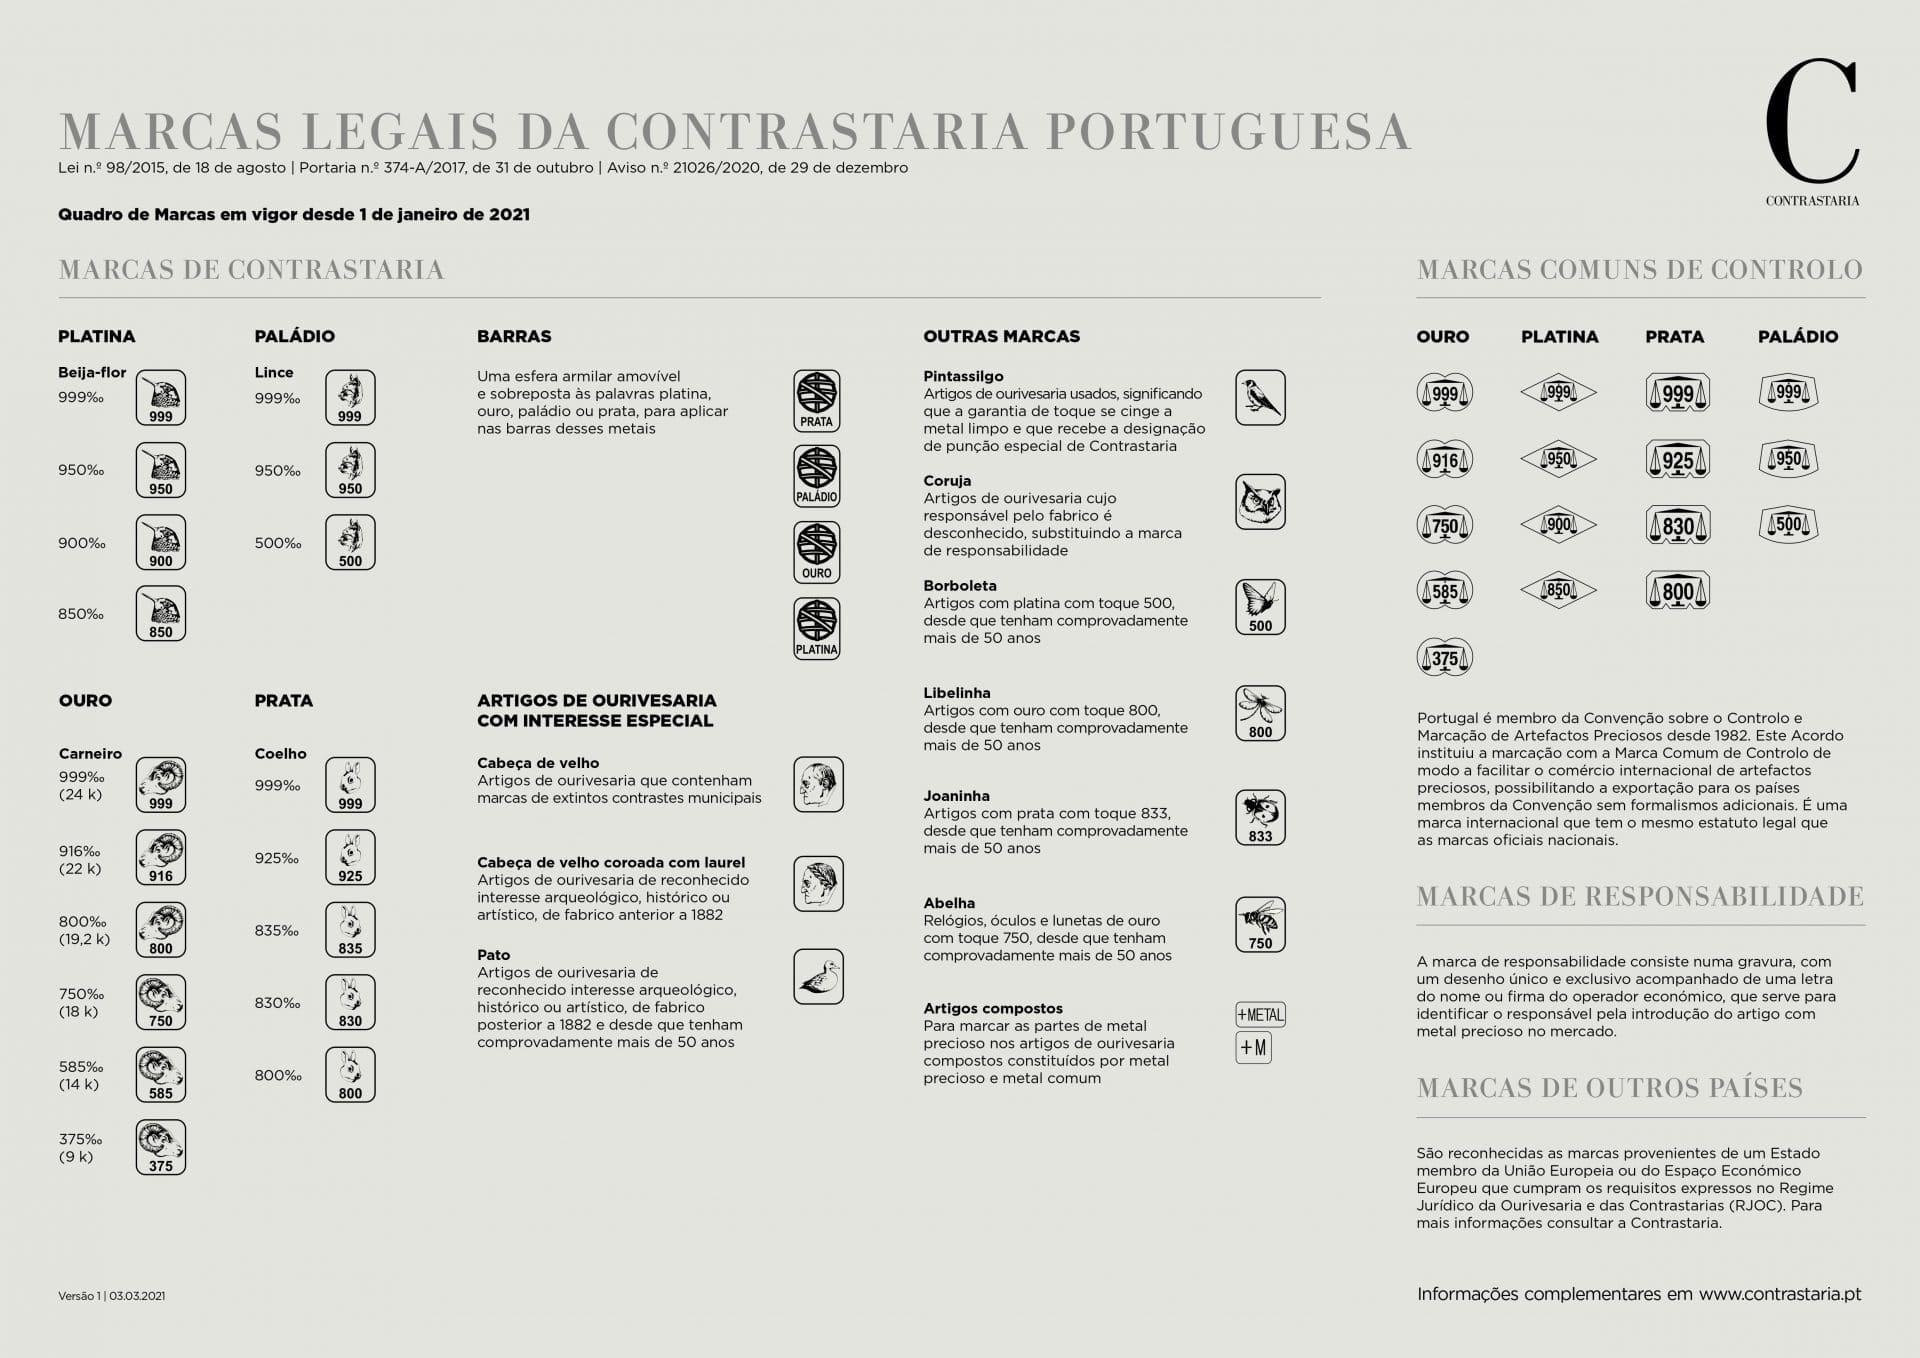 Marcas legais da Contrastaria Portuguesa